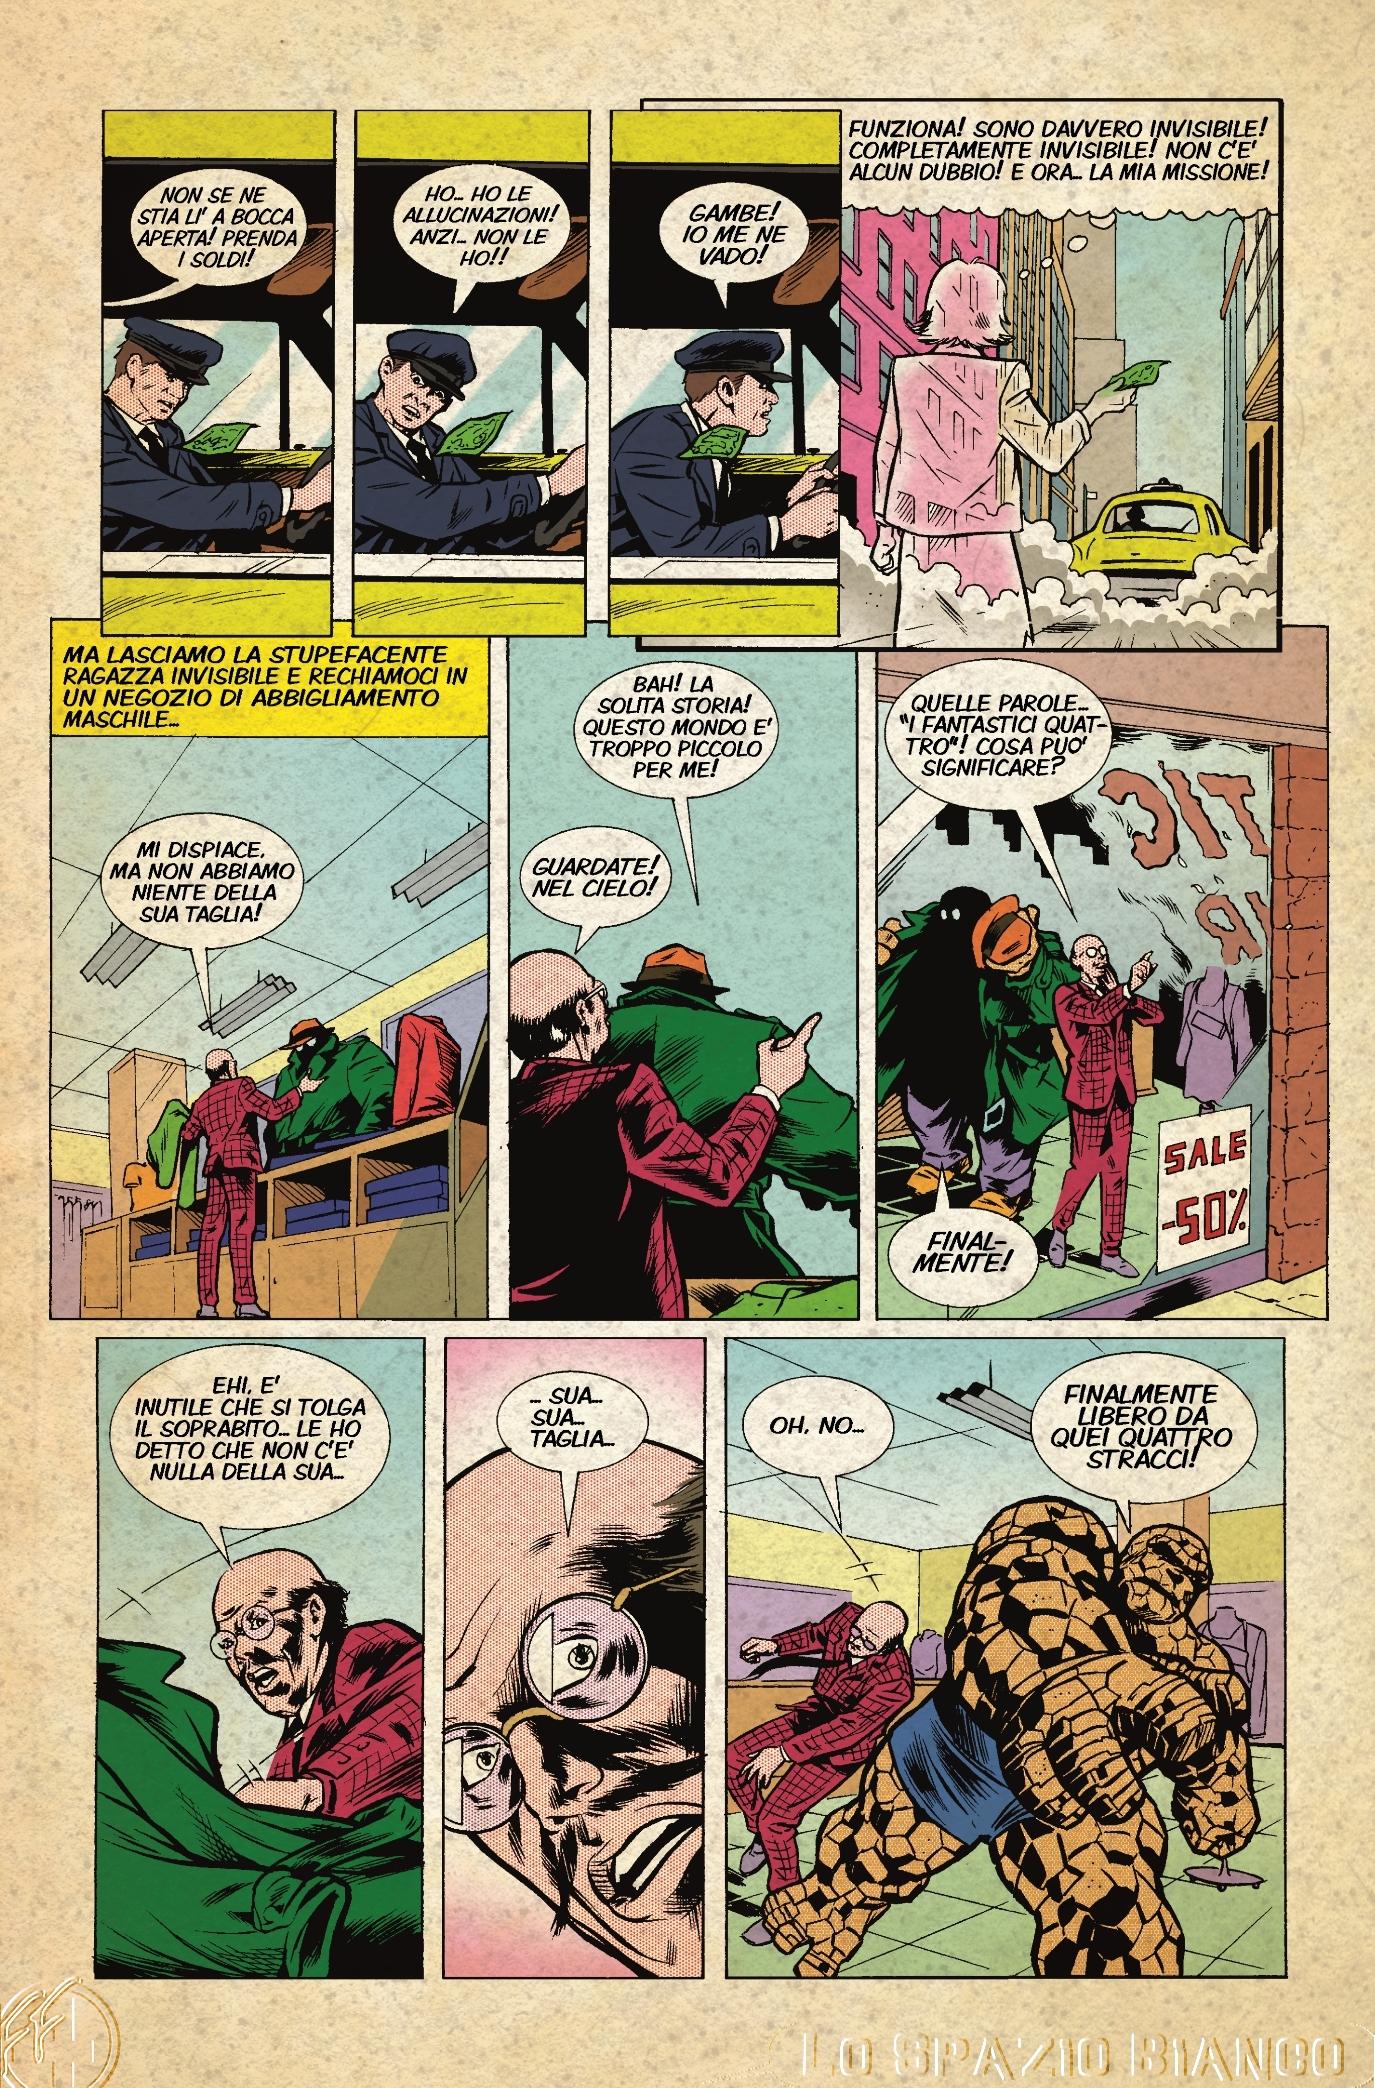 pagina 03 sovraimpressione